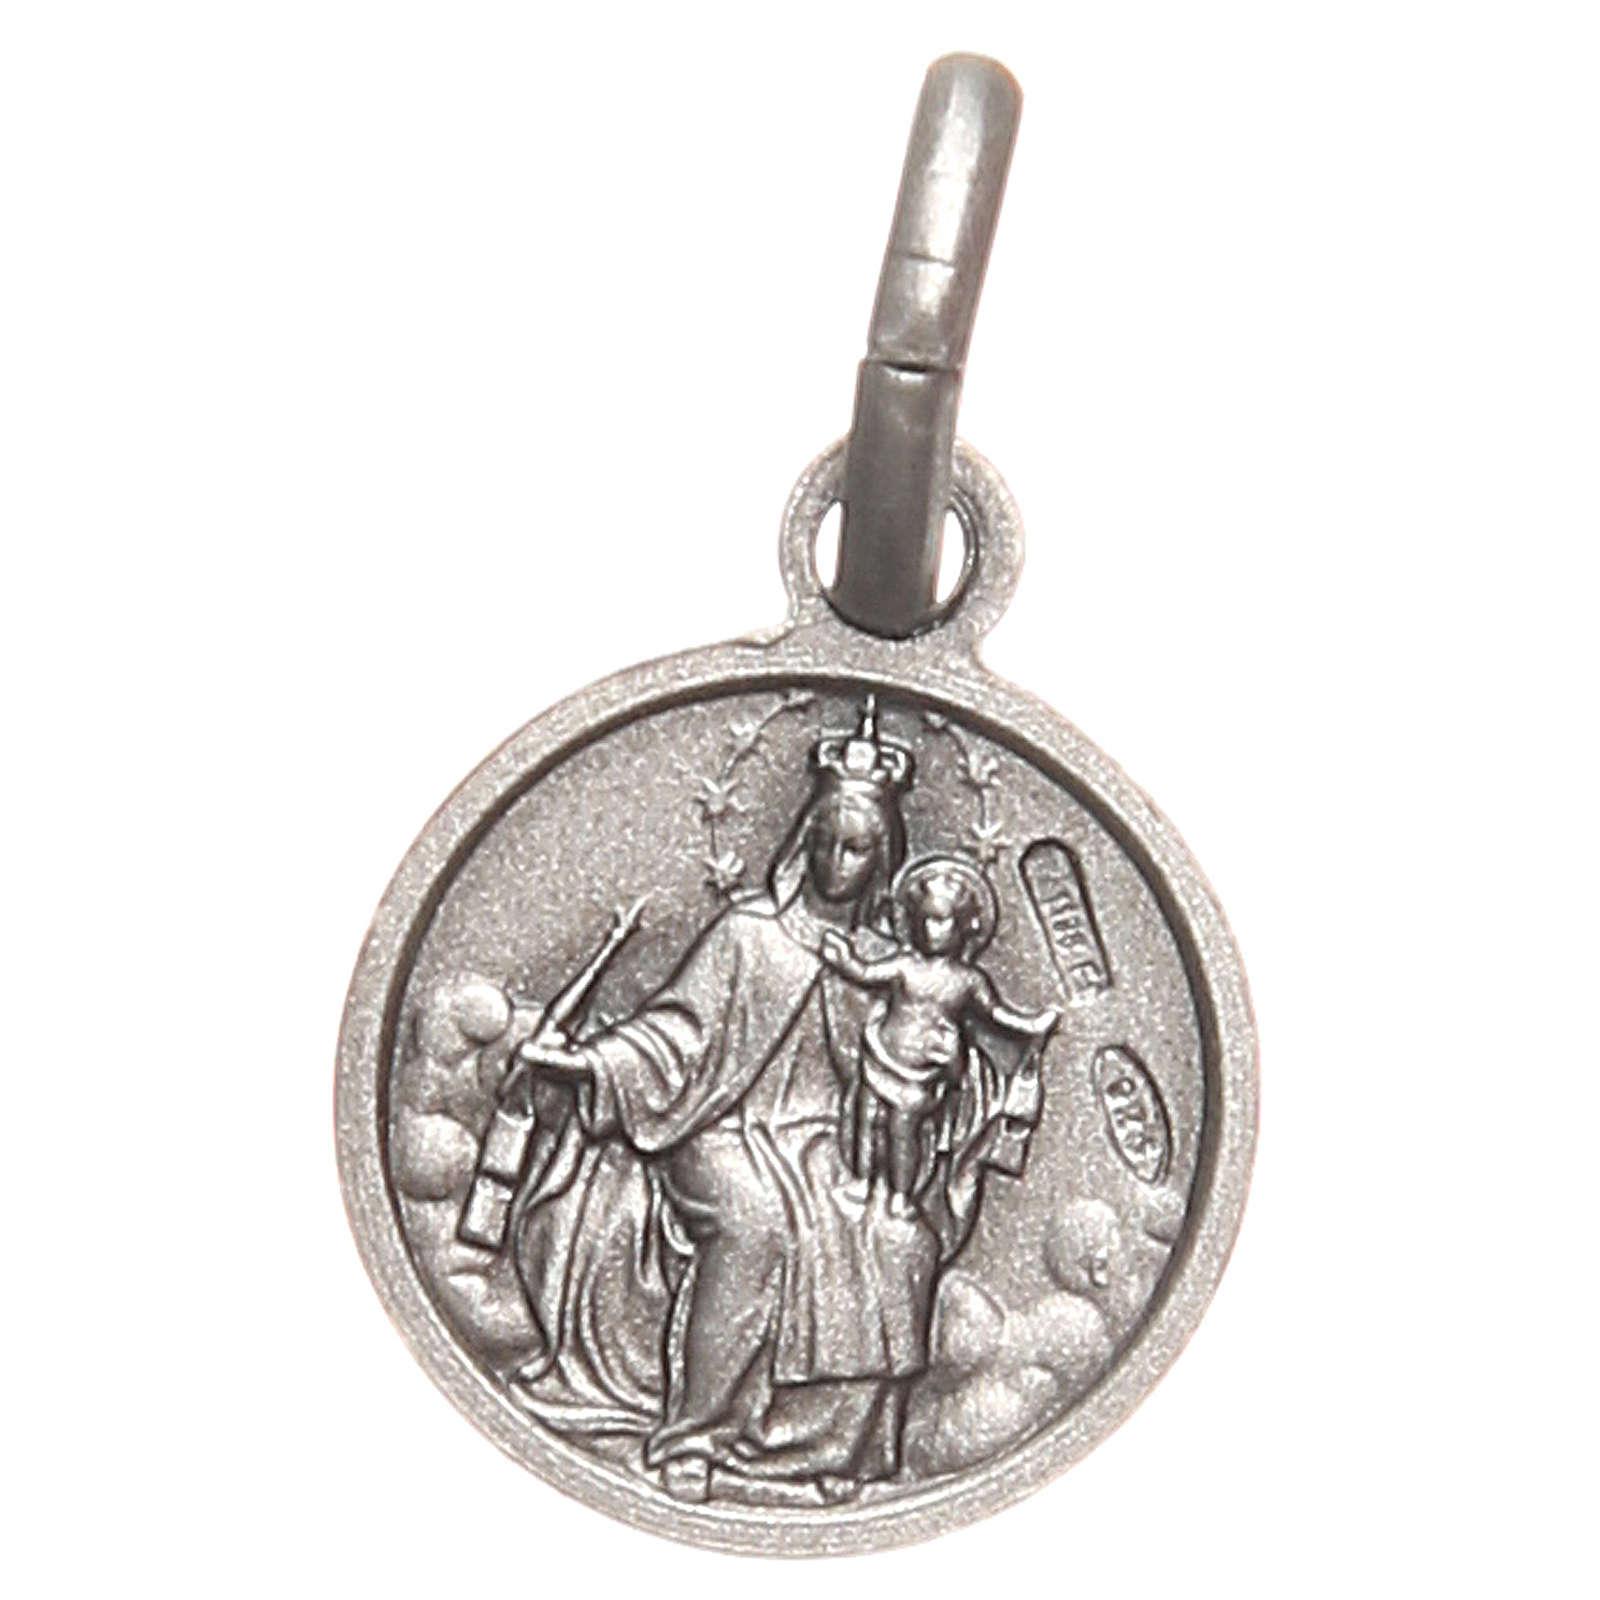 Escapulário medalha Sagrado Coração prata 925 10 mm 4